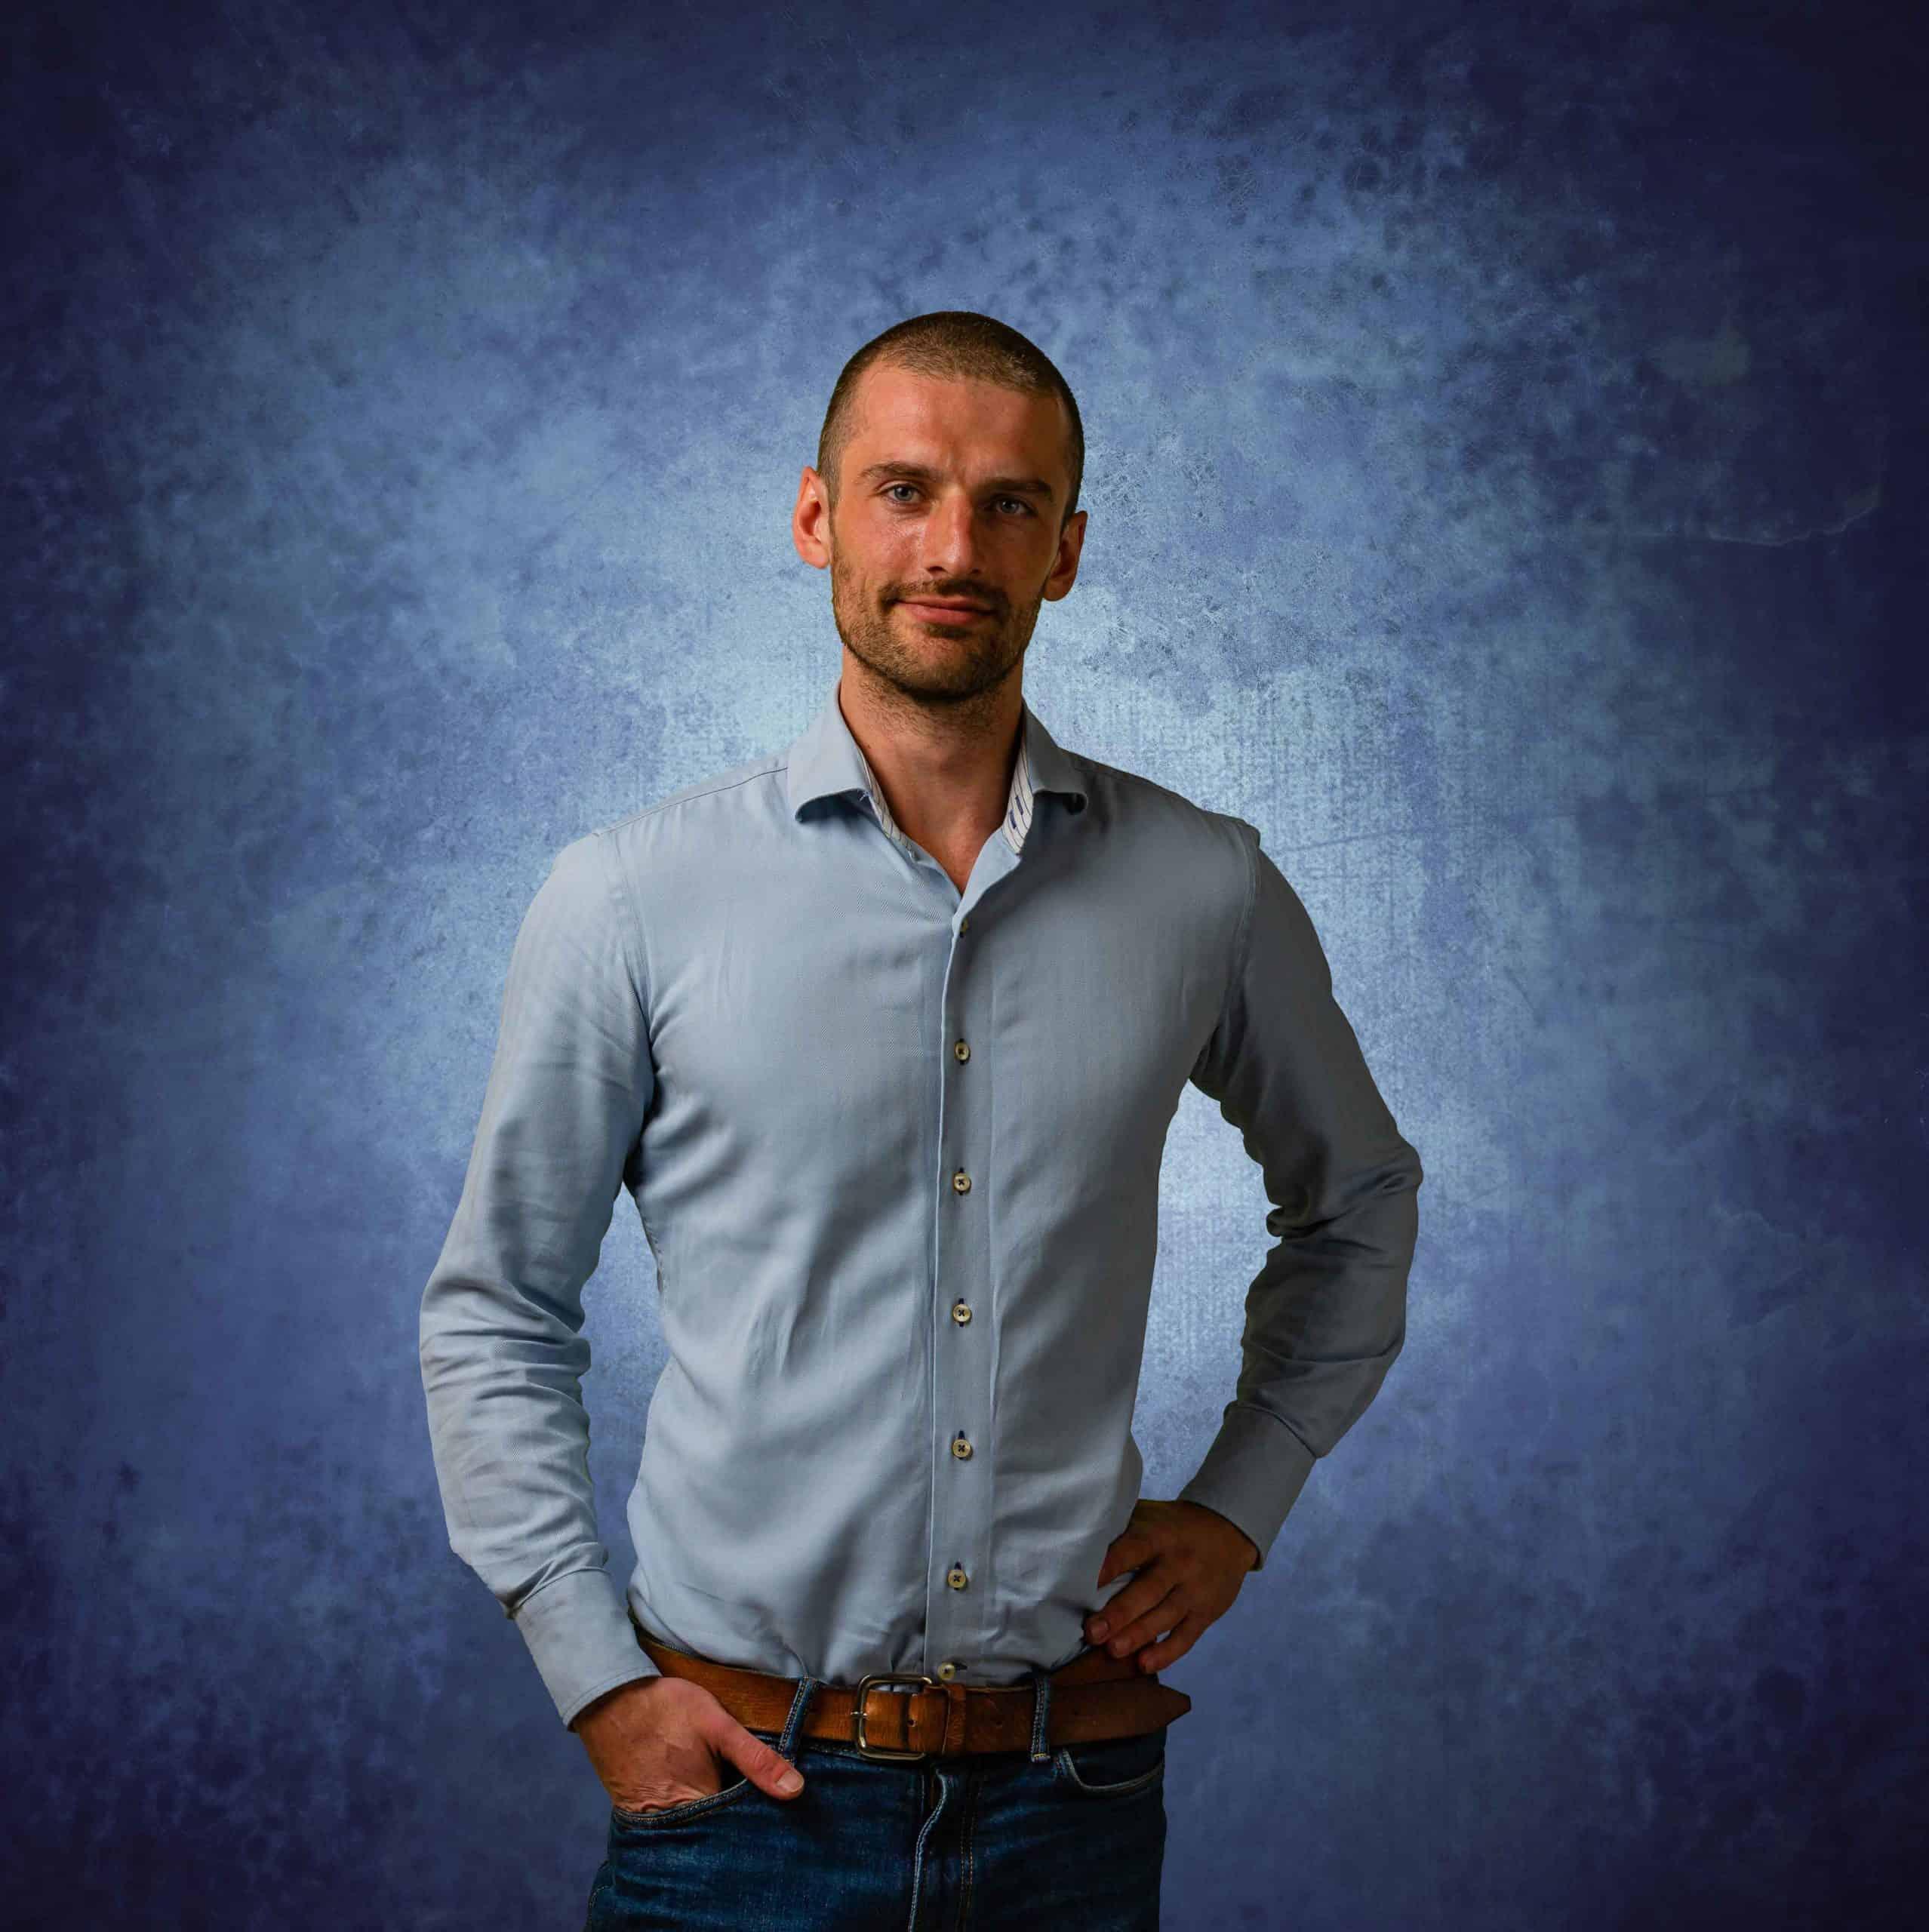 Damien Steegers